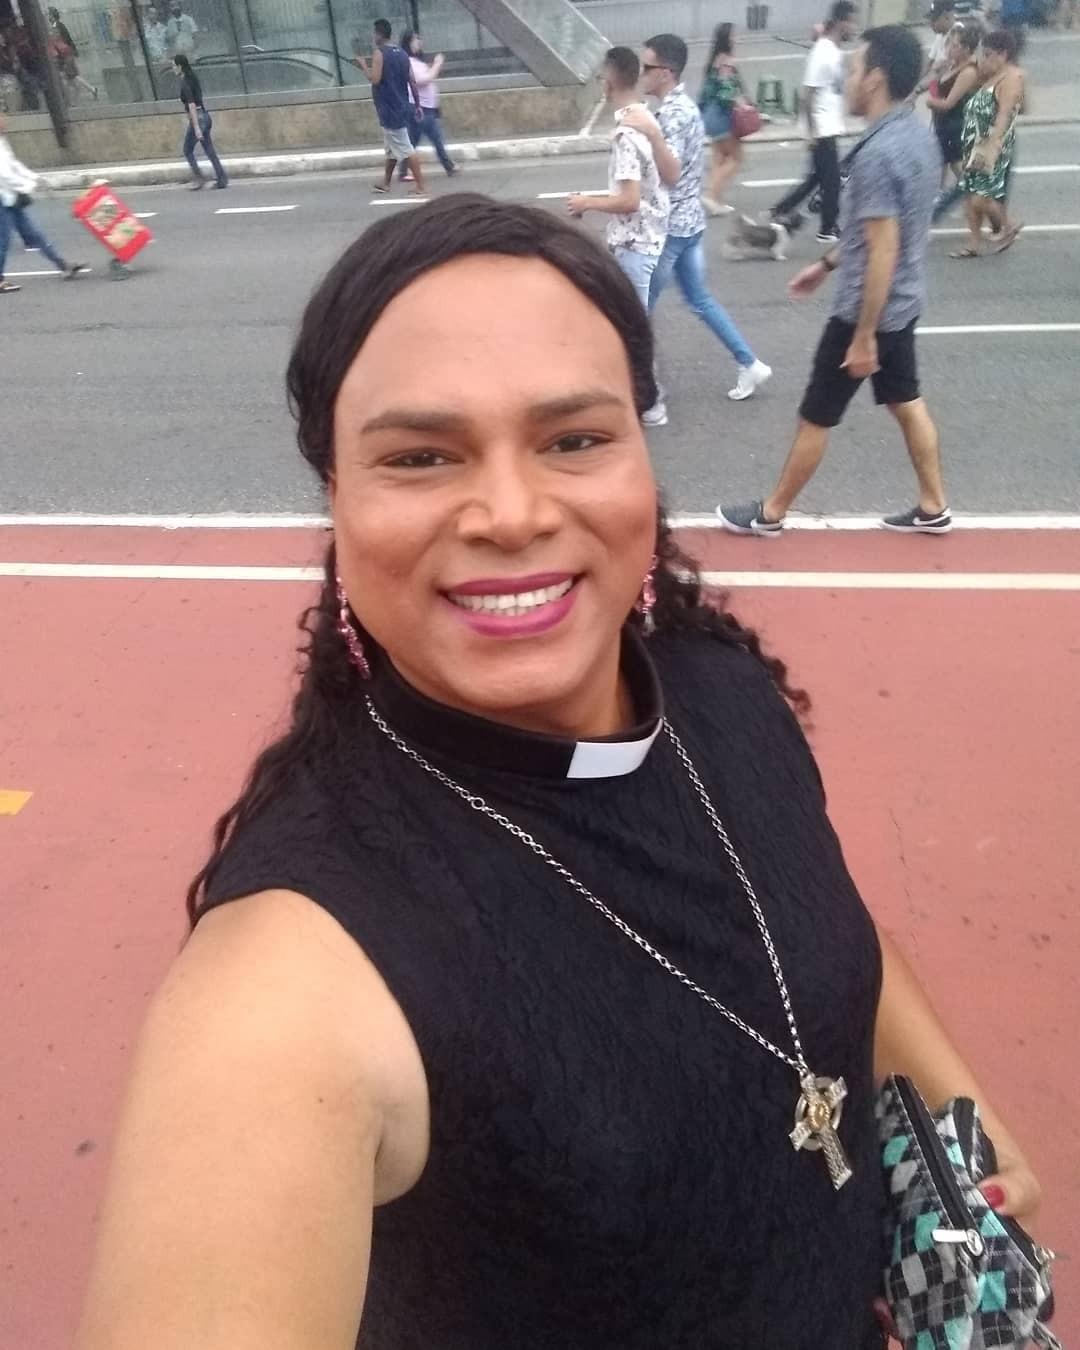 Reverenda trans, Alexya Salvador, é internada na UTI com Covid-19 - Revista  Marie Claire | Notícias